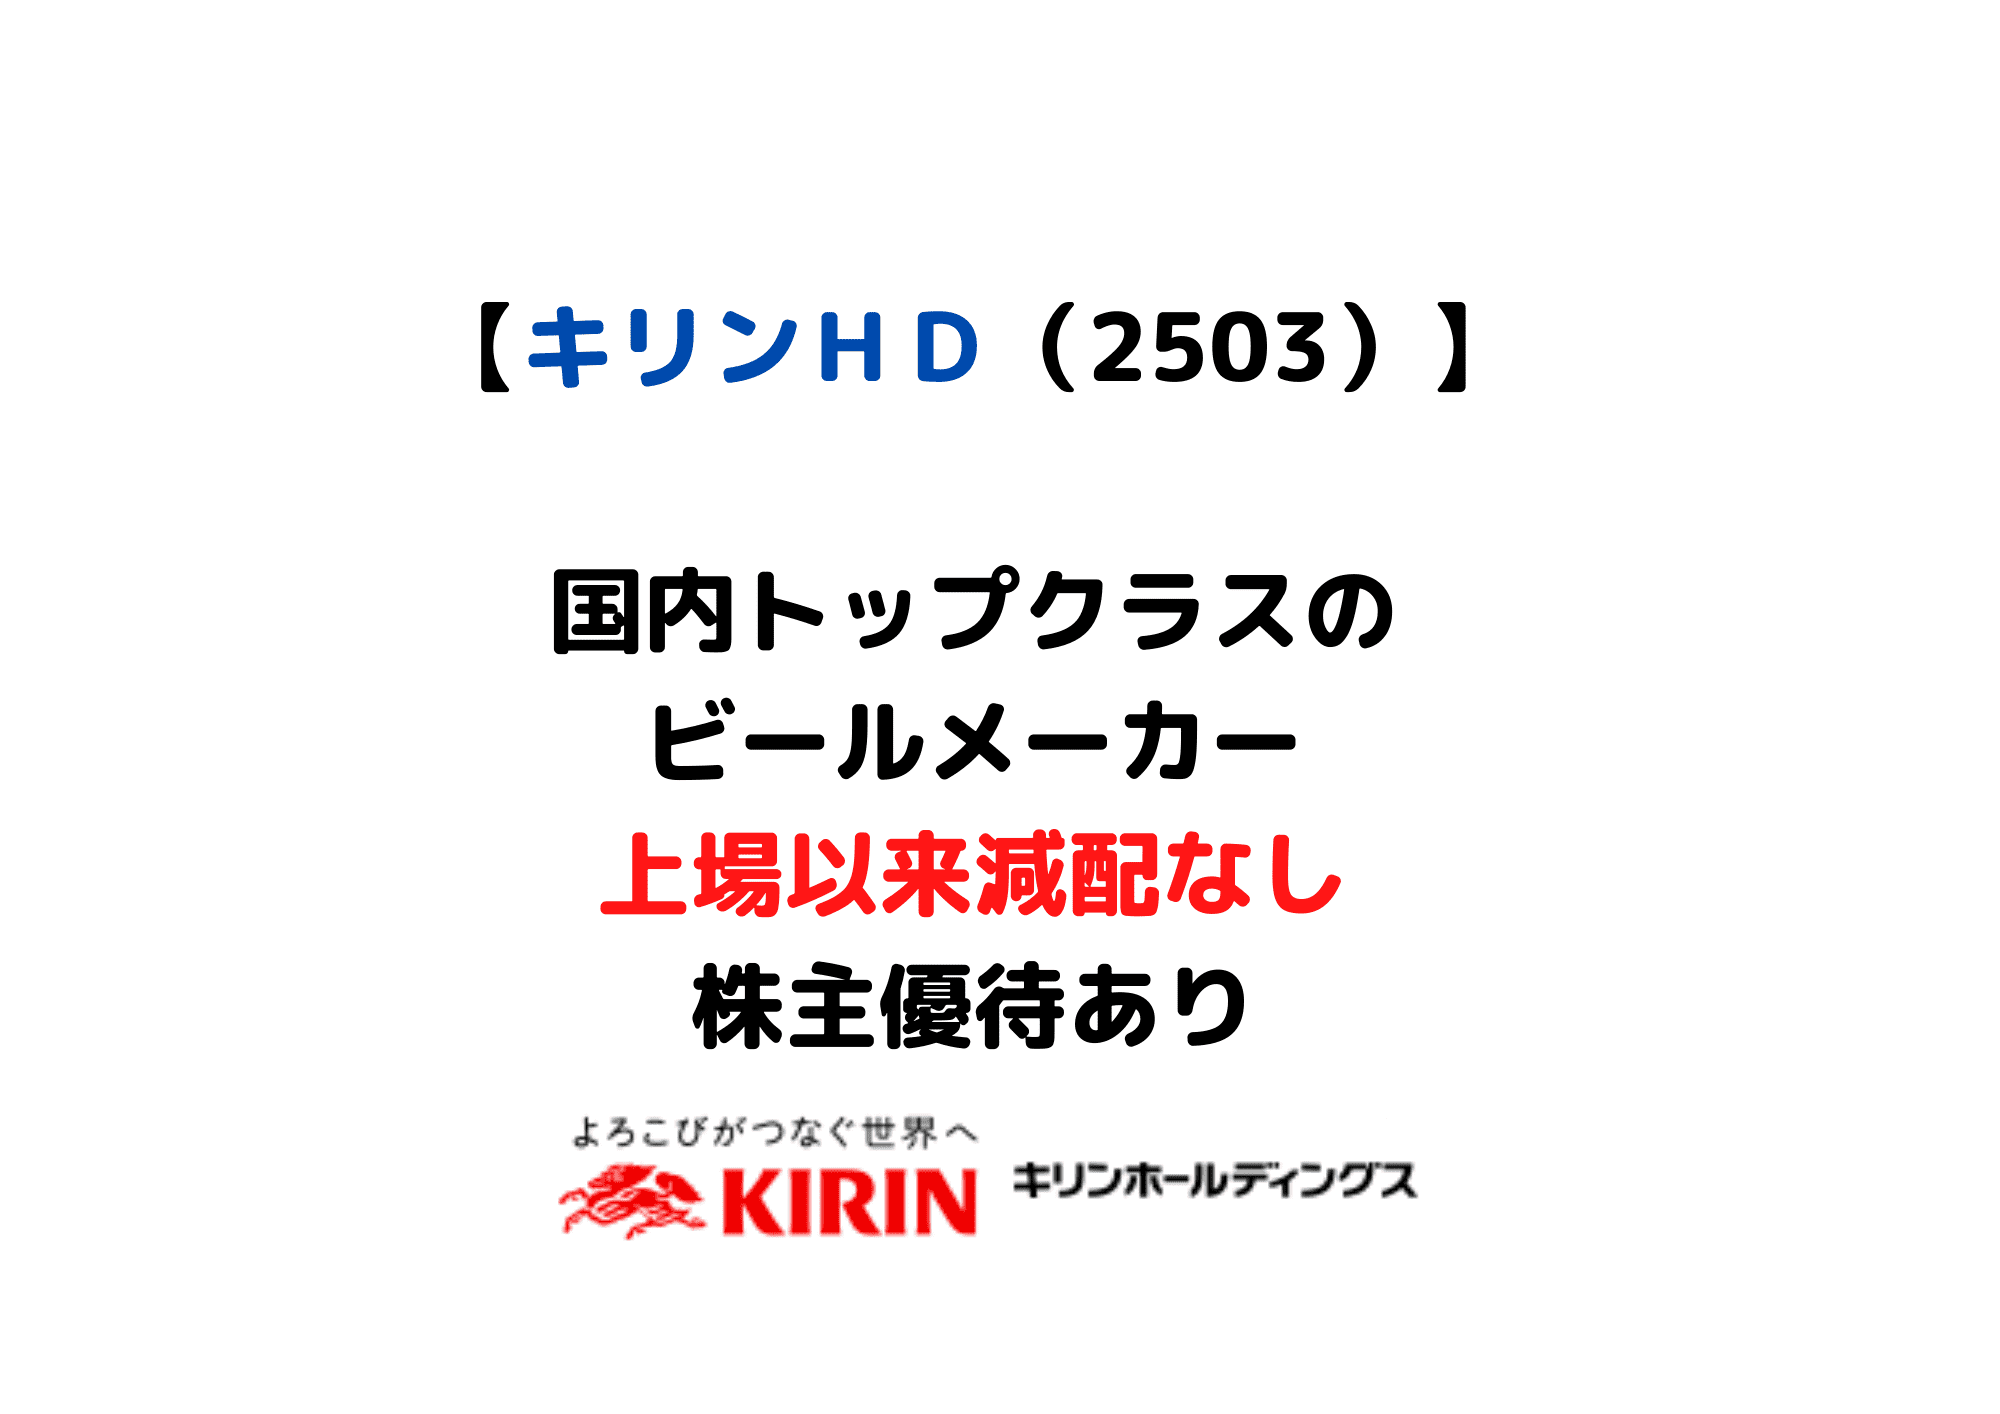 2503 キリンHD (1)